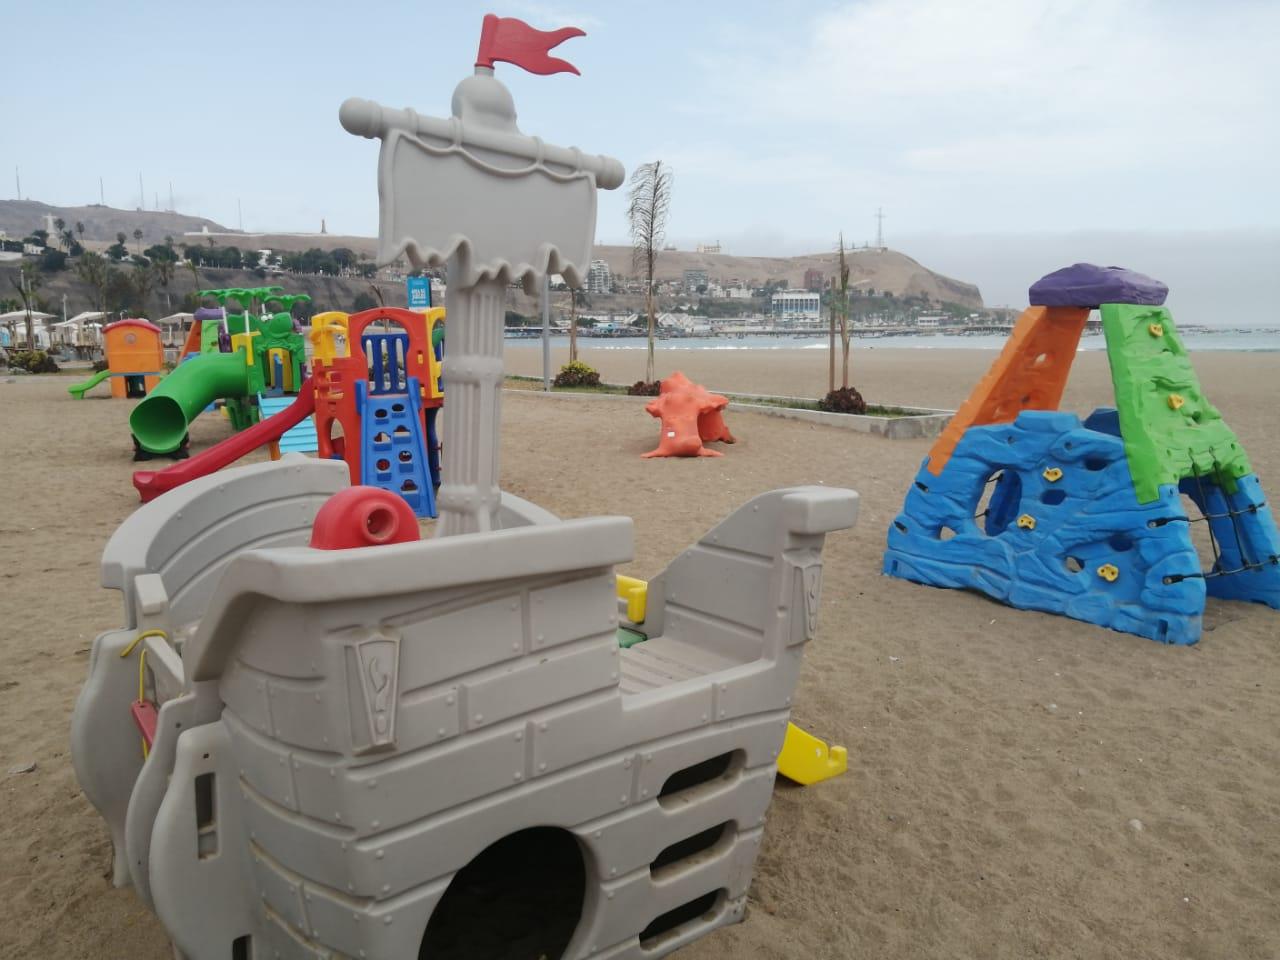 Espacios públicos, como en la playa Aguadulce (Chorrillos), registran gran cantidad de plumas en sus alrededores.